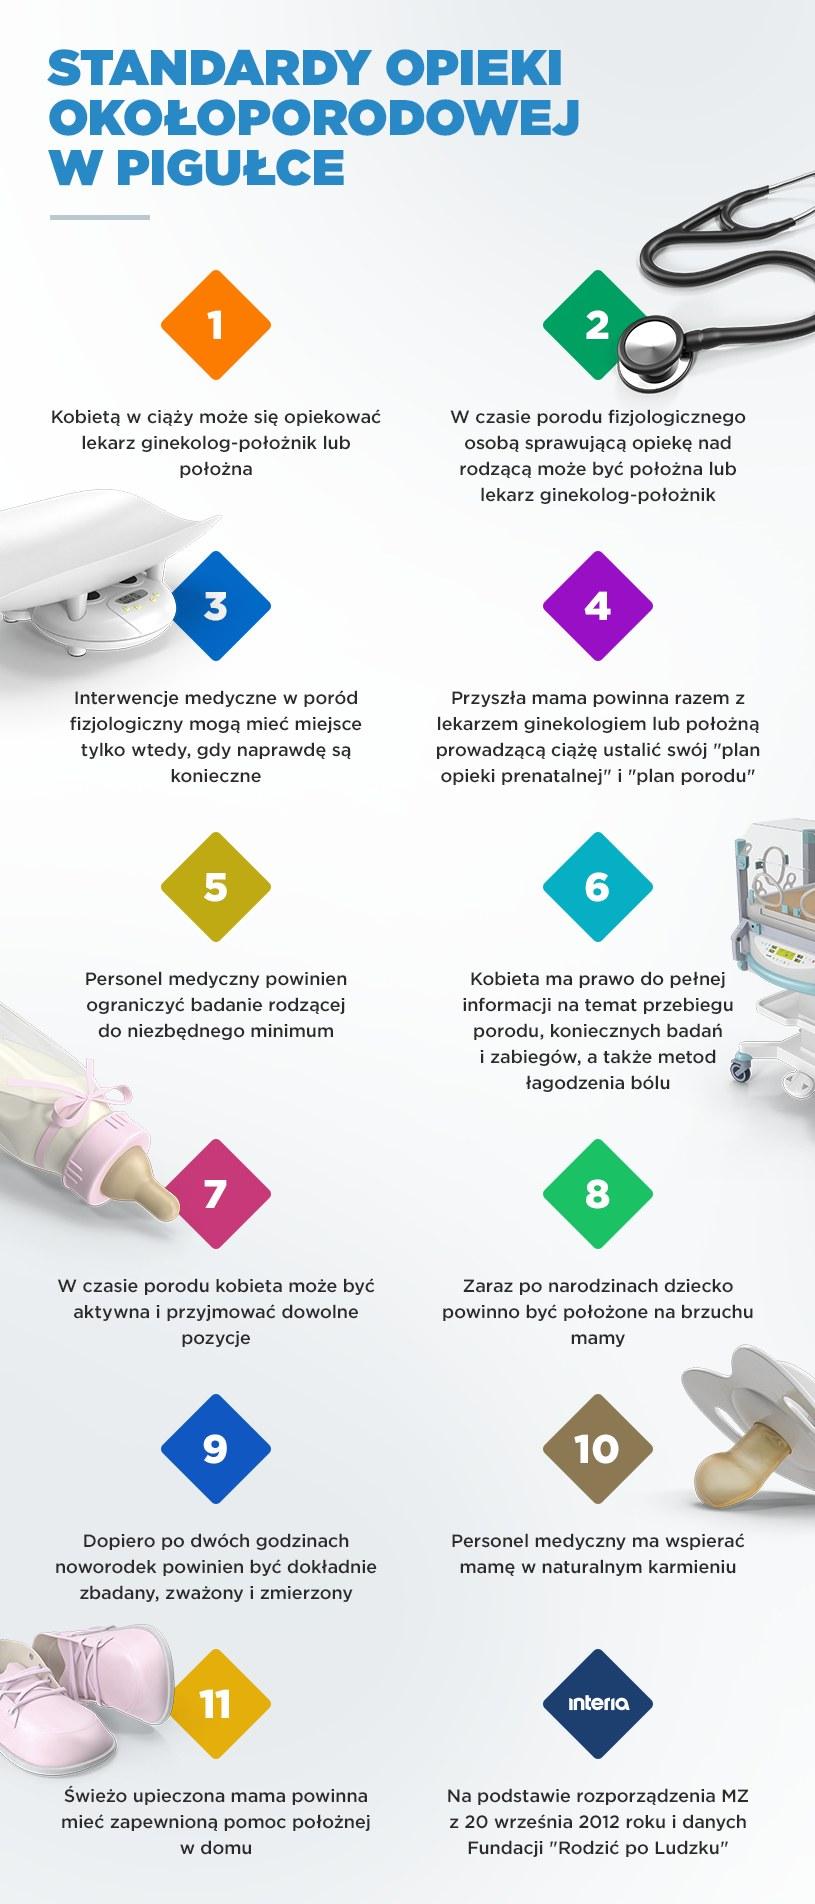 Standardy opieki okołoporodowej w pigułce /